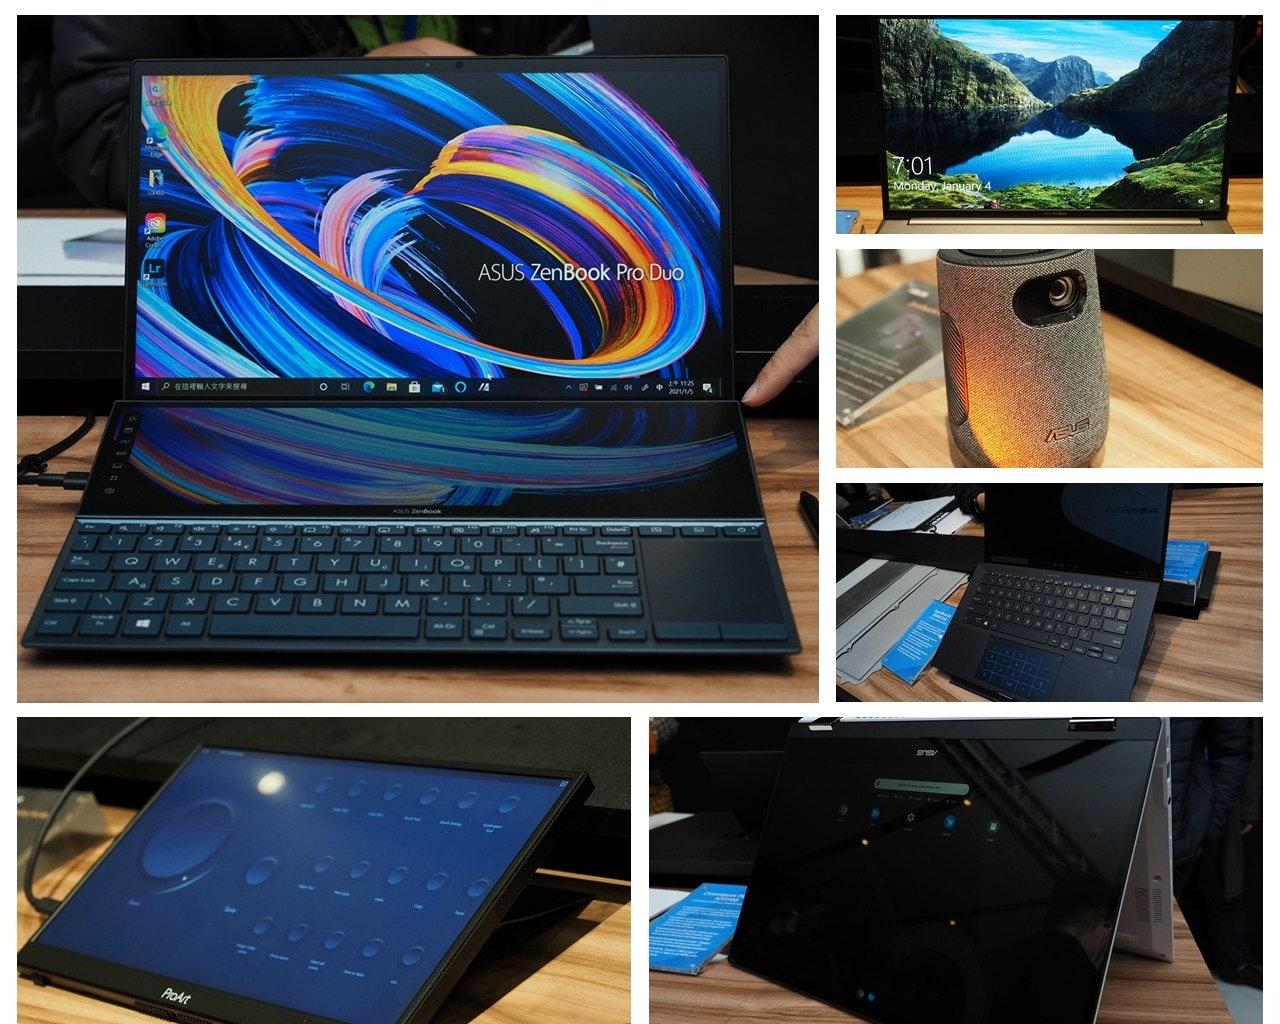 照片中提到了7:01.、Monday January 4、ASUS ZenBook Pro Duo,包含了筆記本電腦、電腦硬件、筆記本電腦、電腦、產品設計